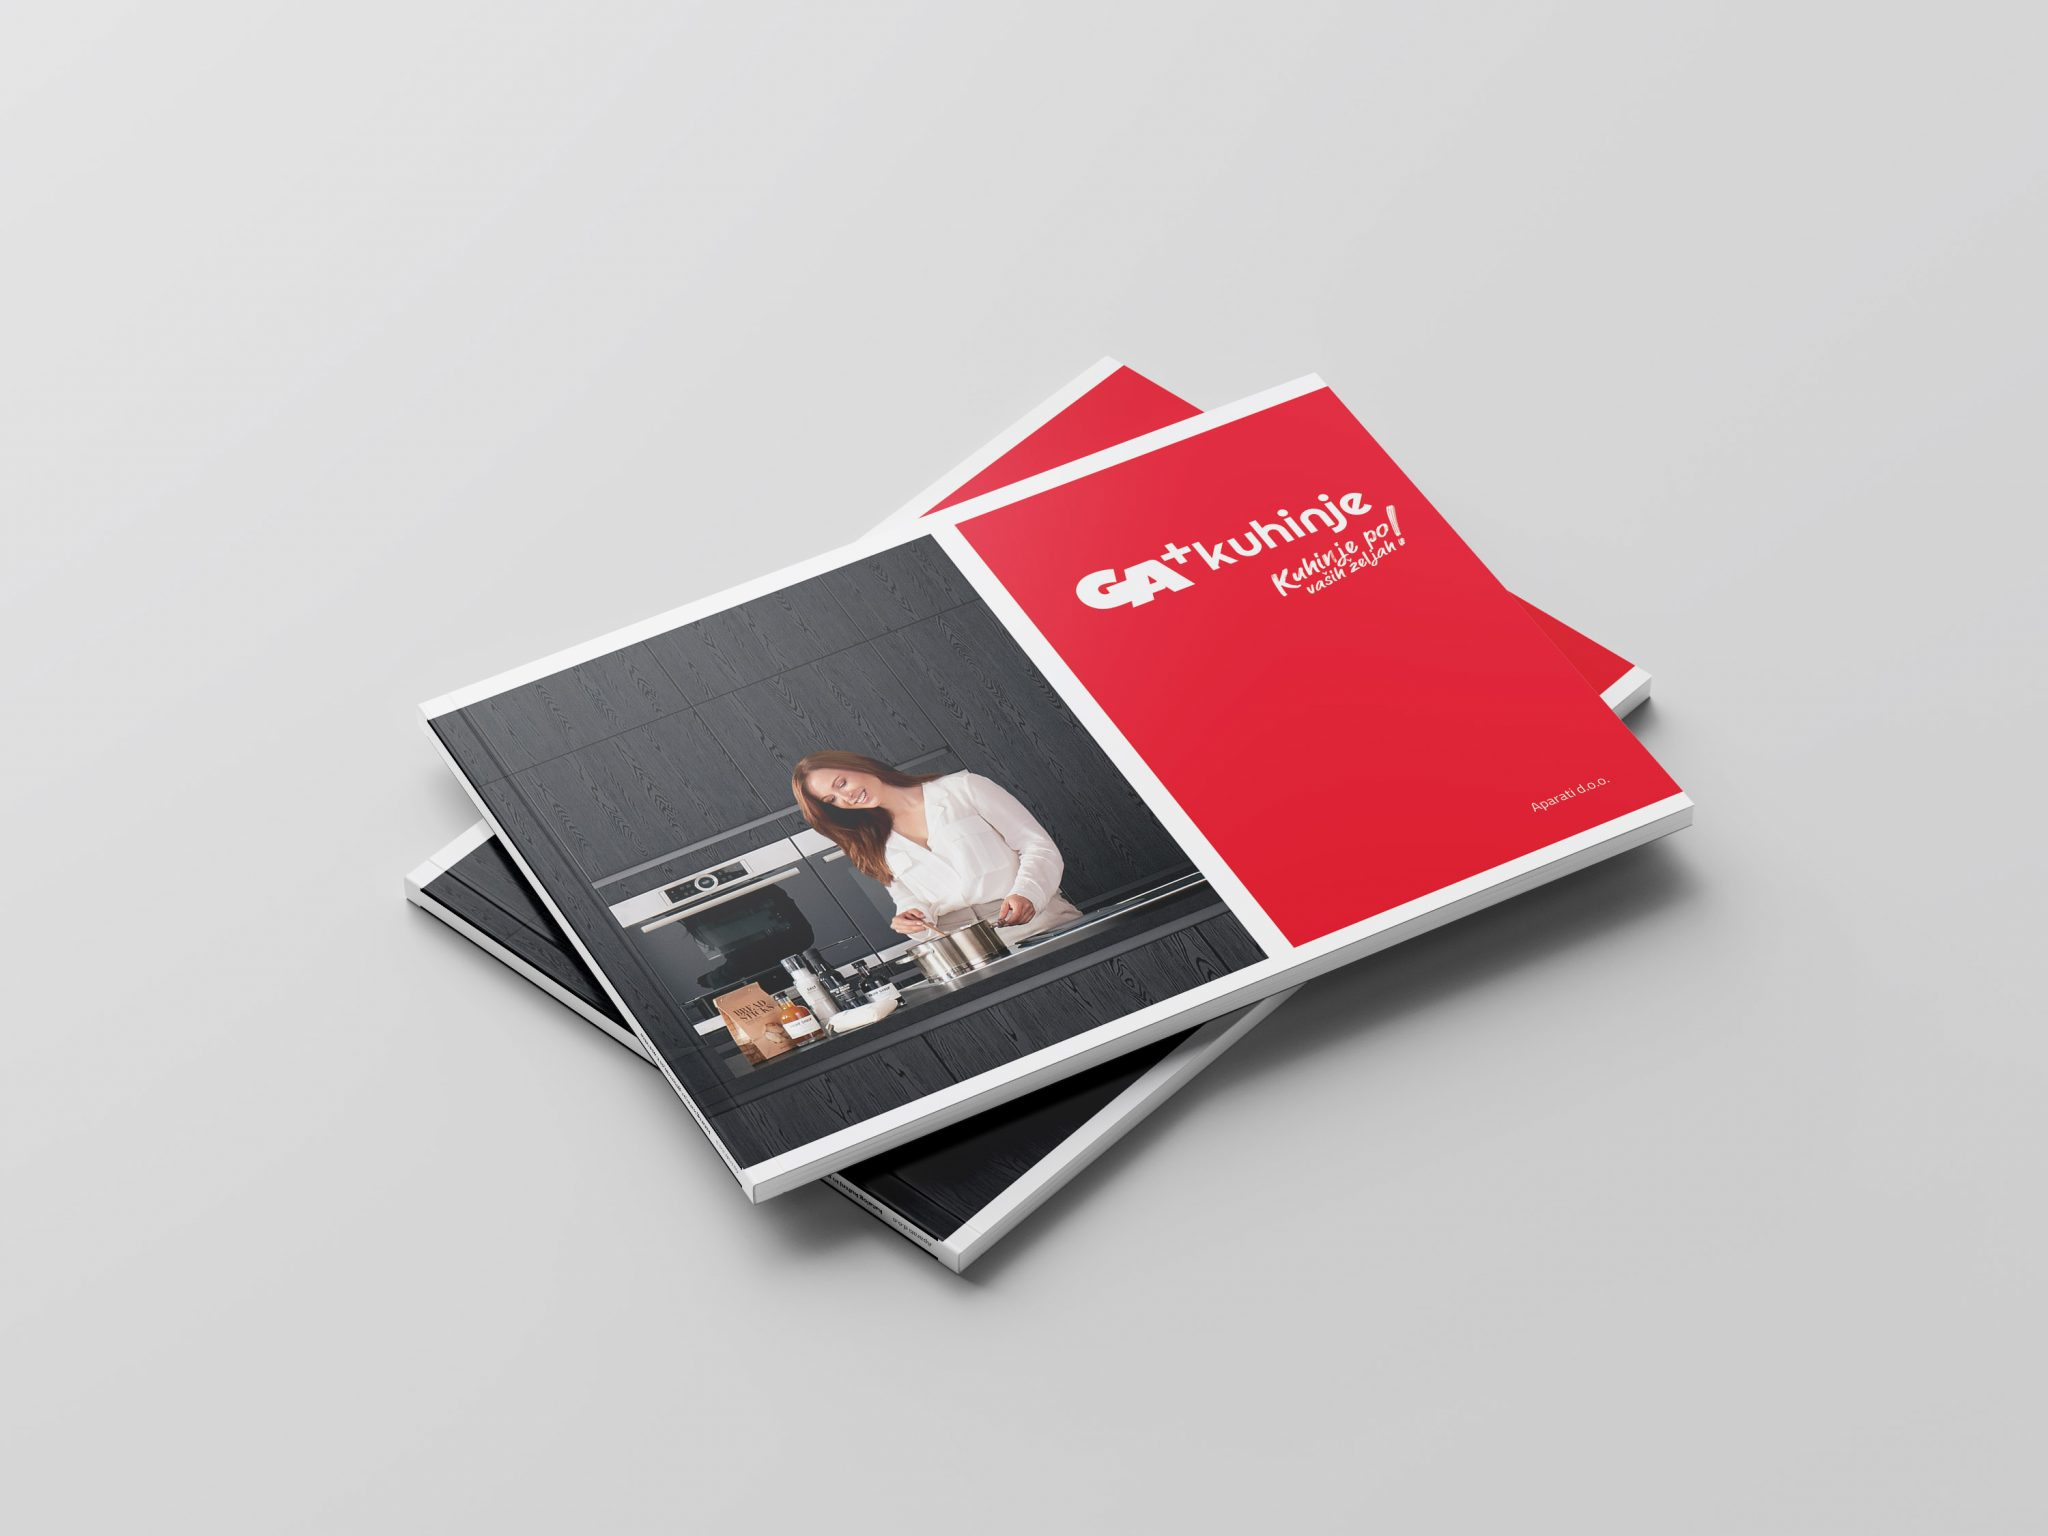 Letni katalog